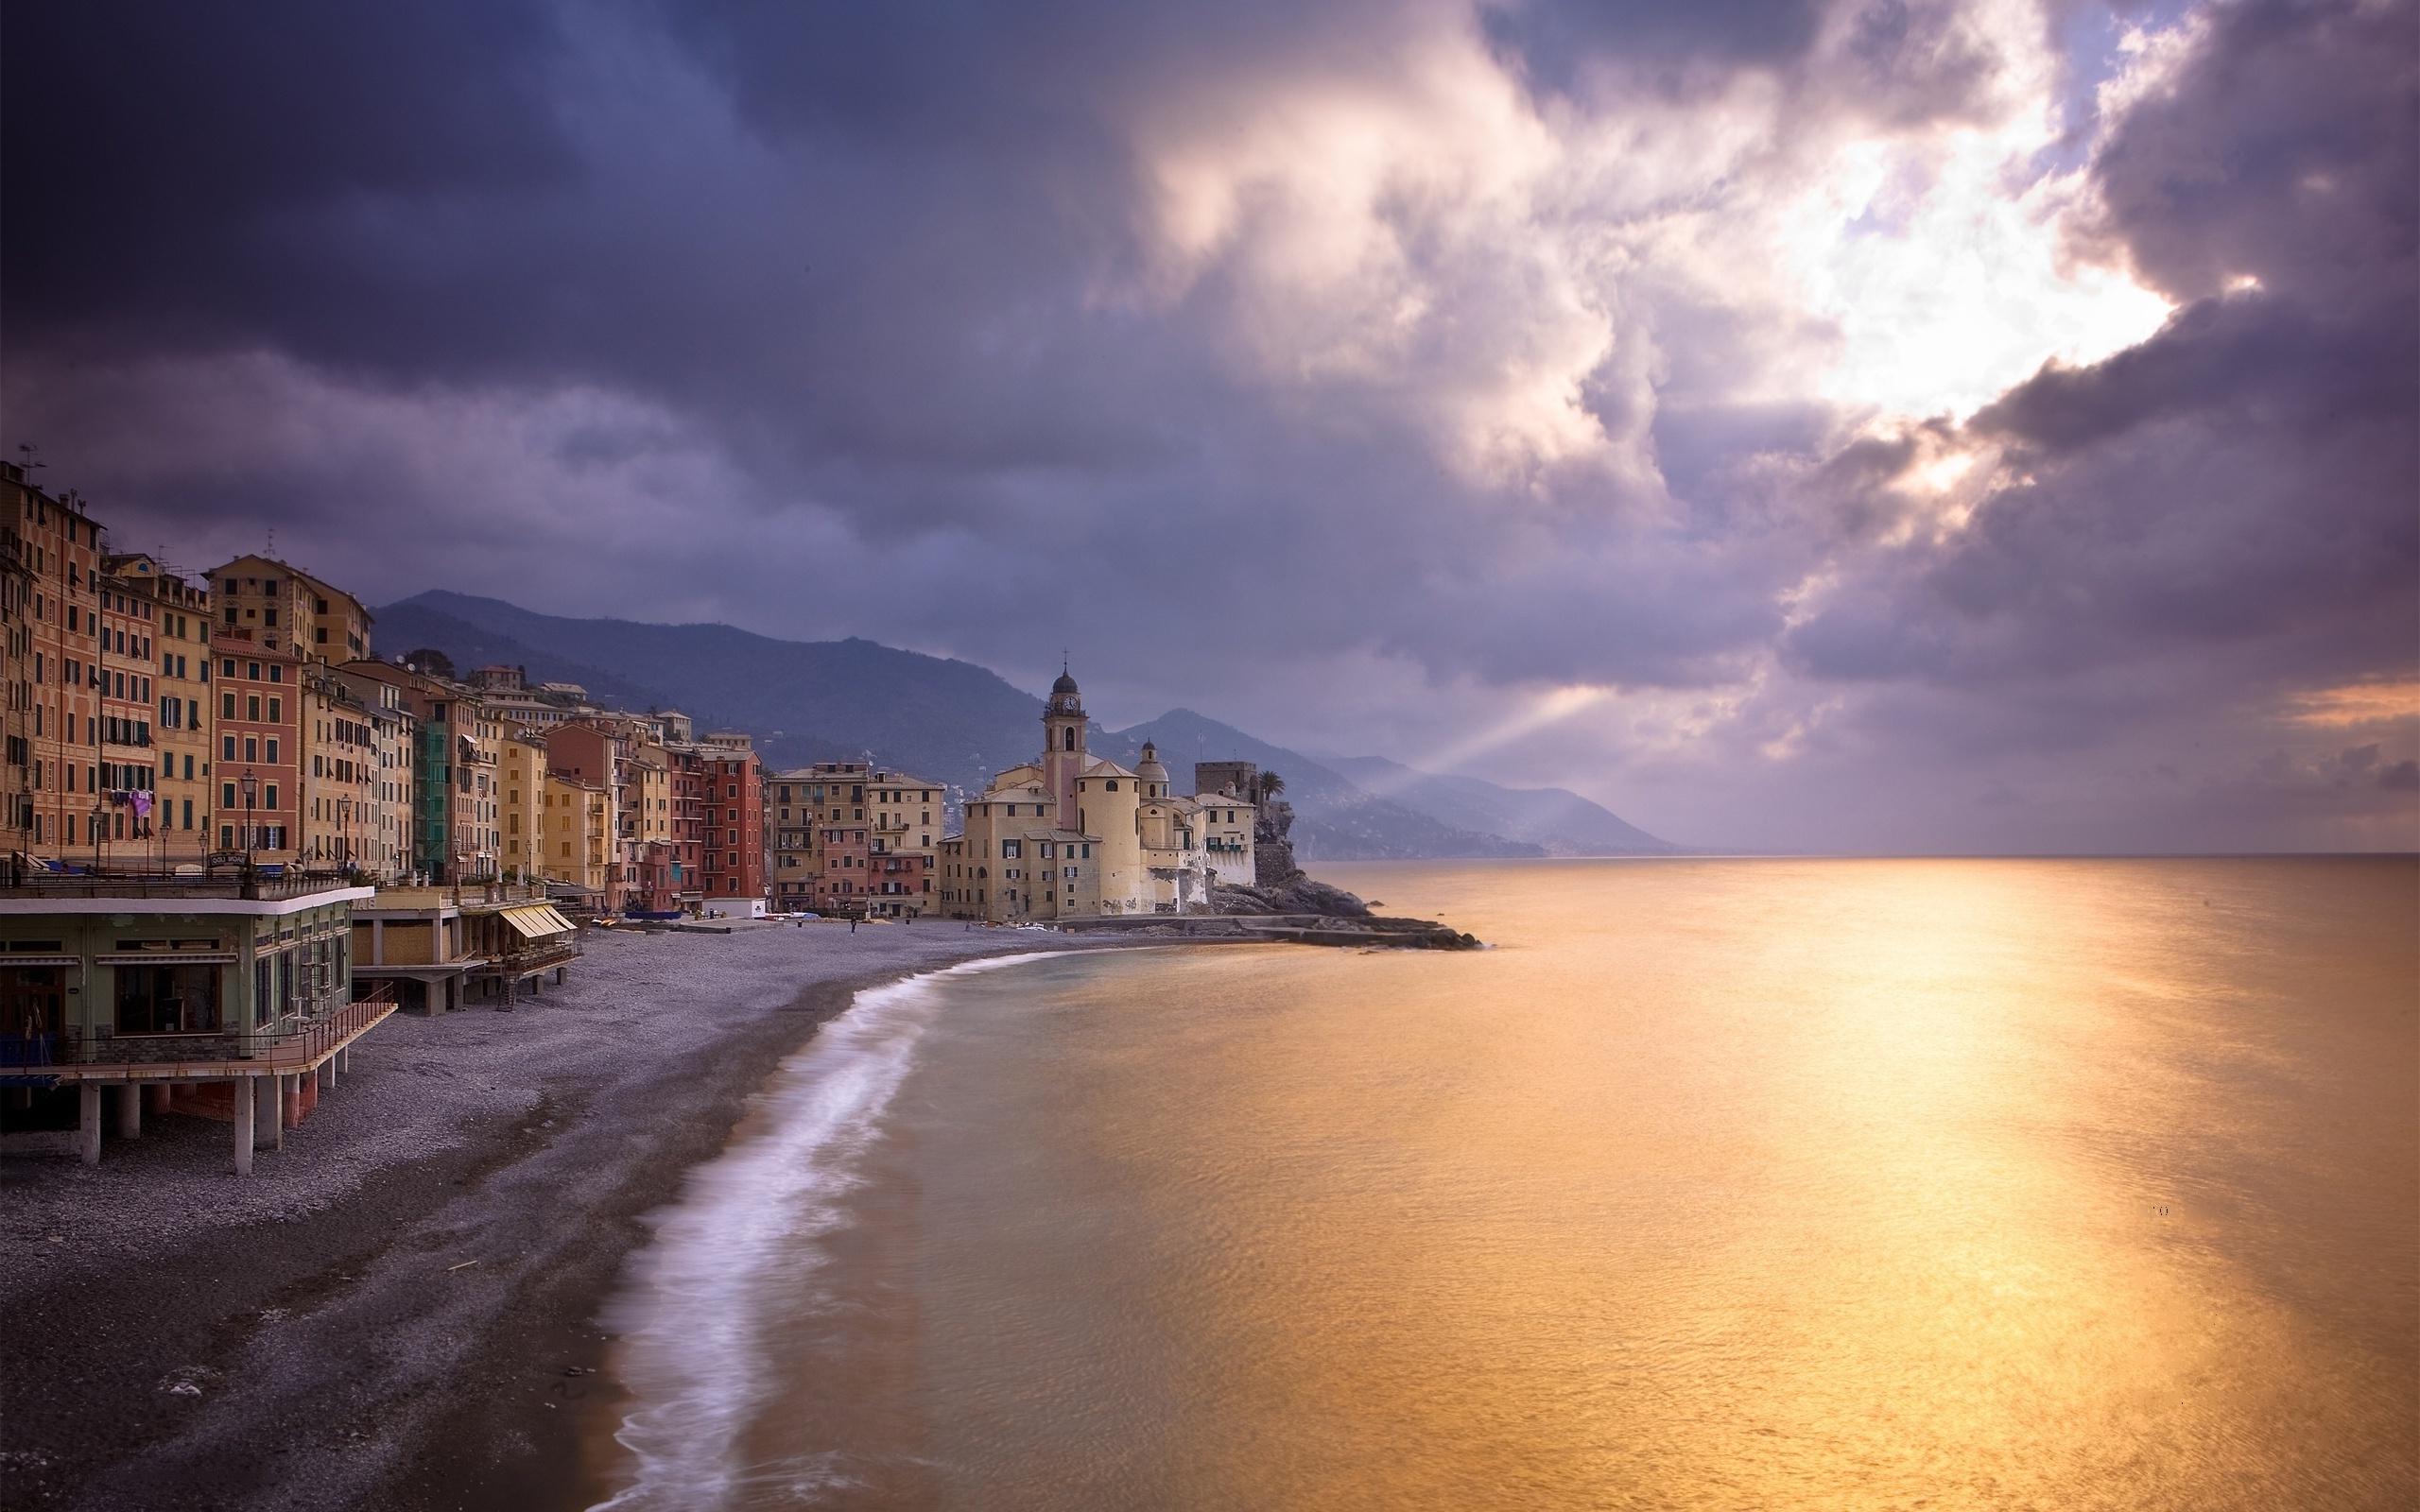 经常避难的旅游圣地就在这!意大利旅游攻略谈及与盐攻略图片